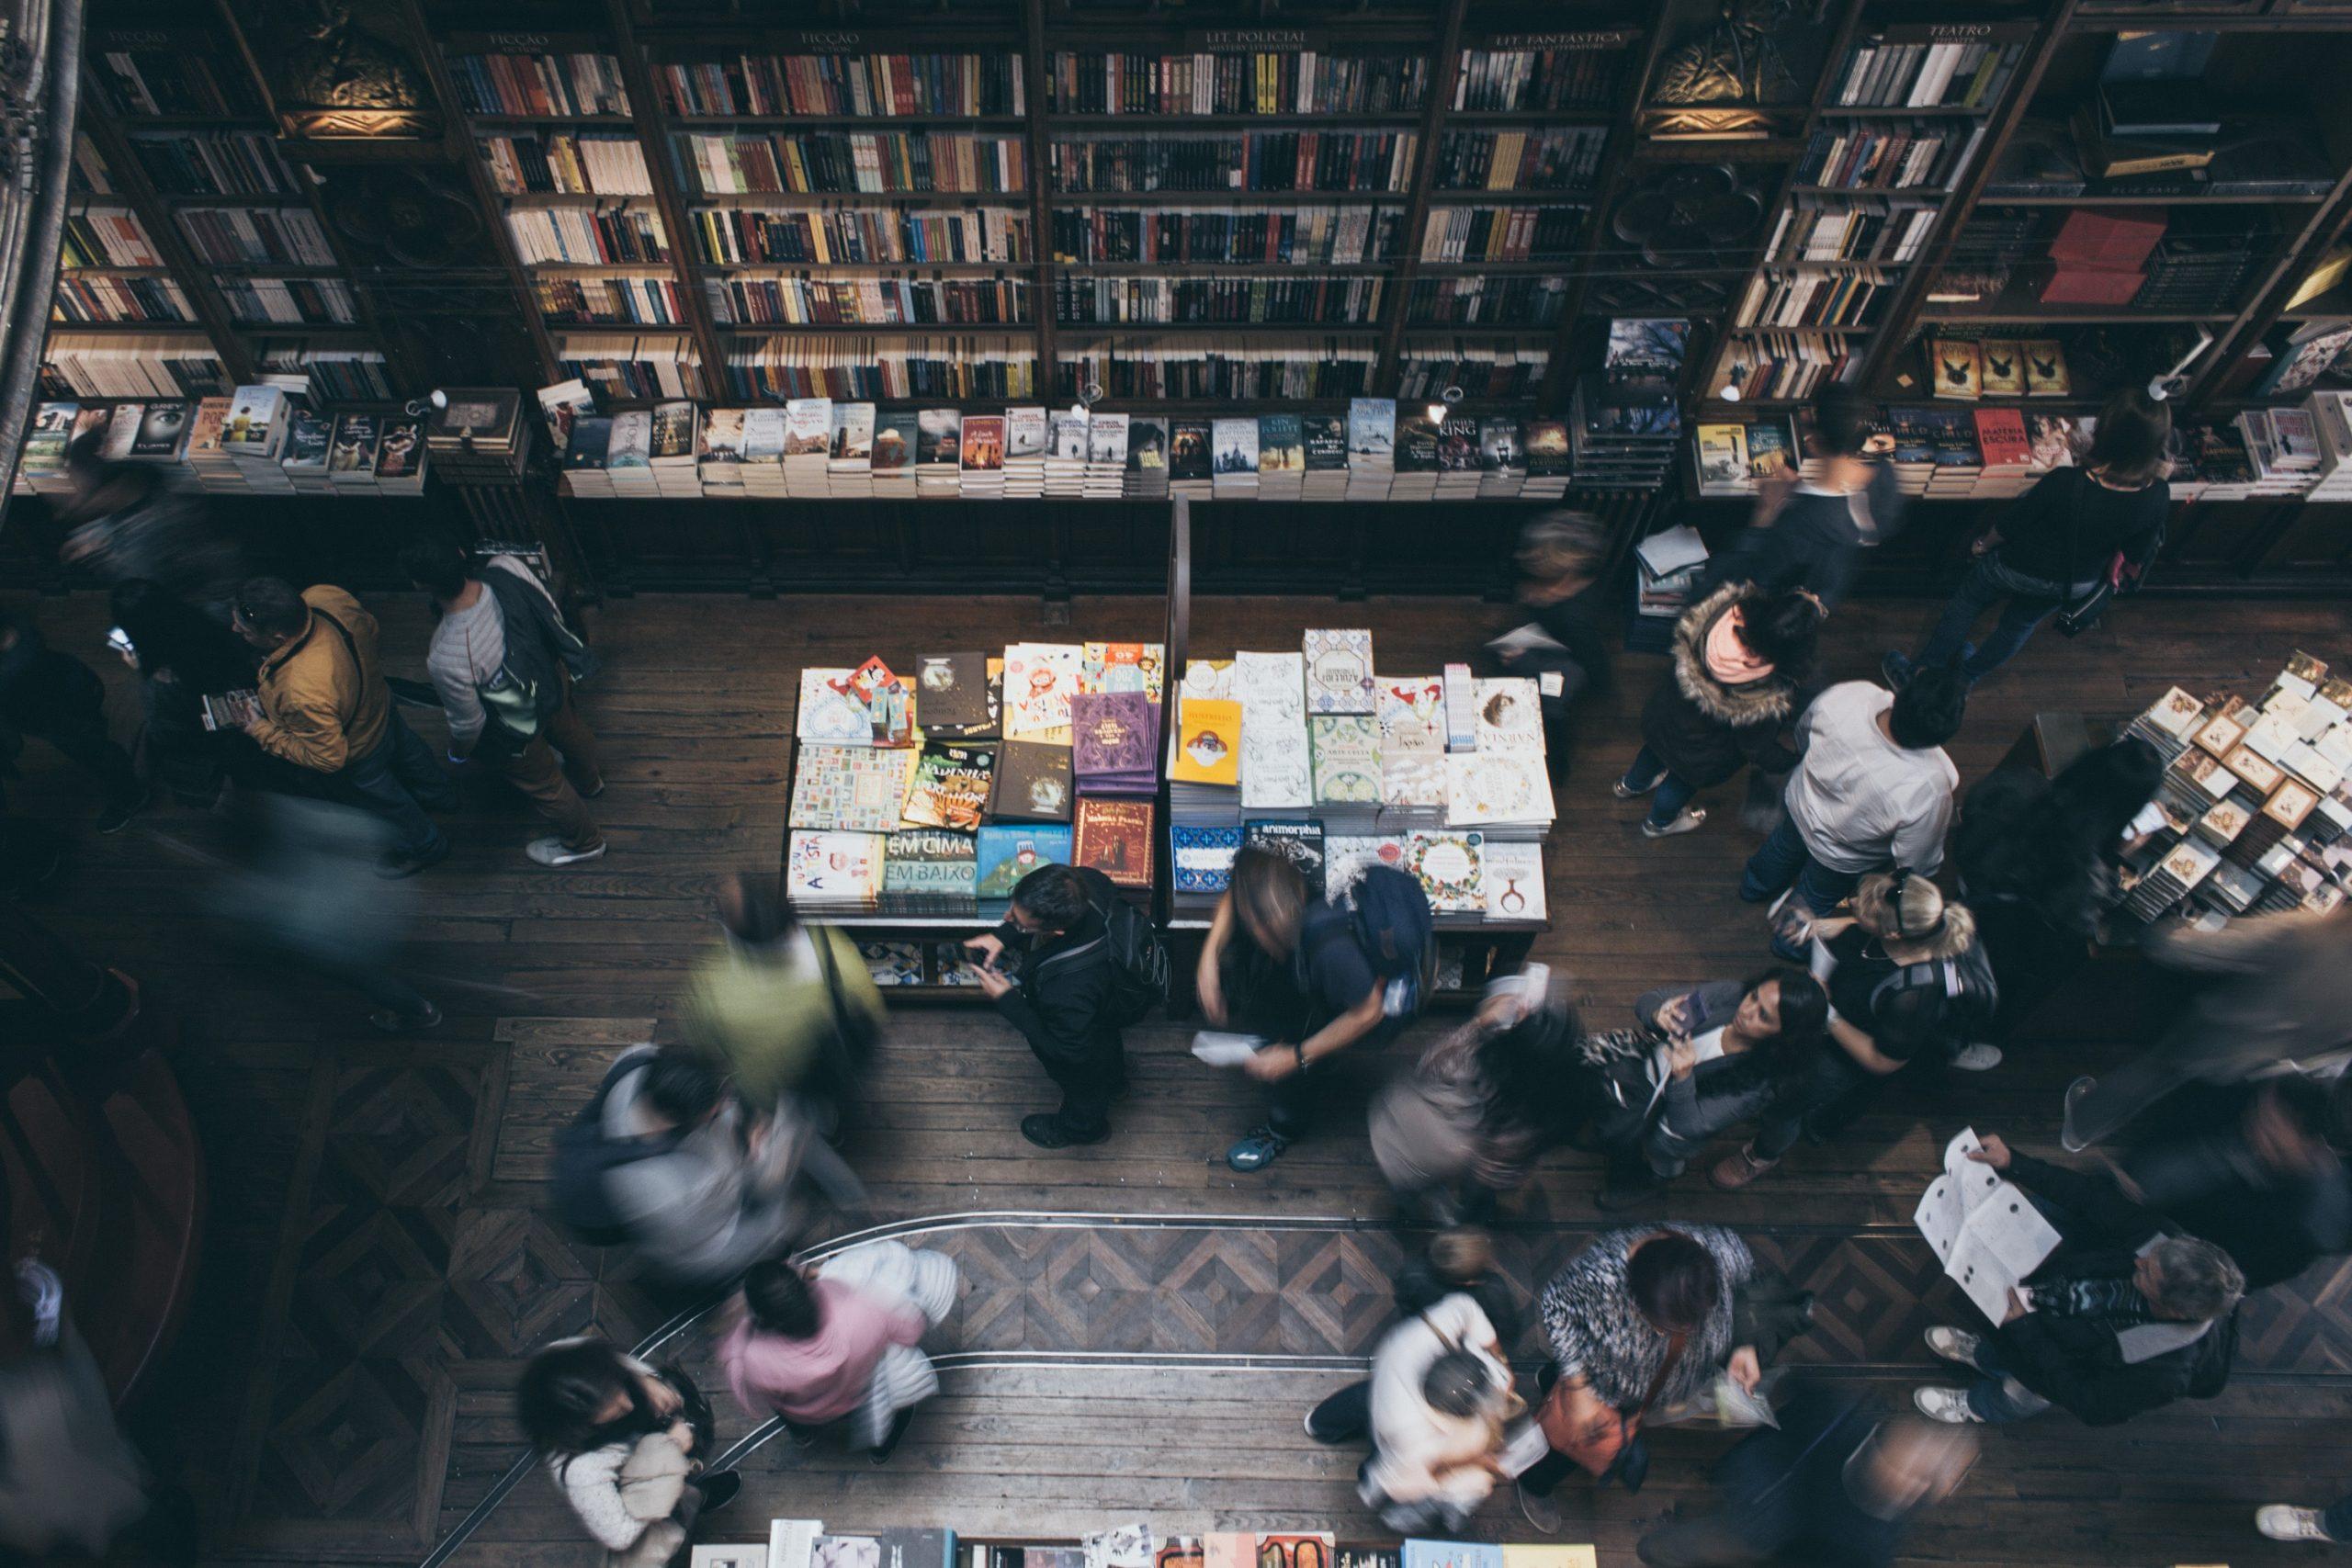 Livraria Lello pede prescrição de livros para promover saúde mental